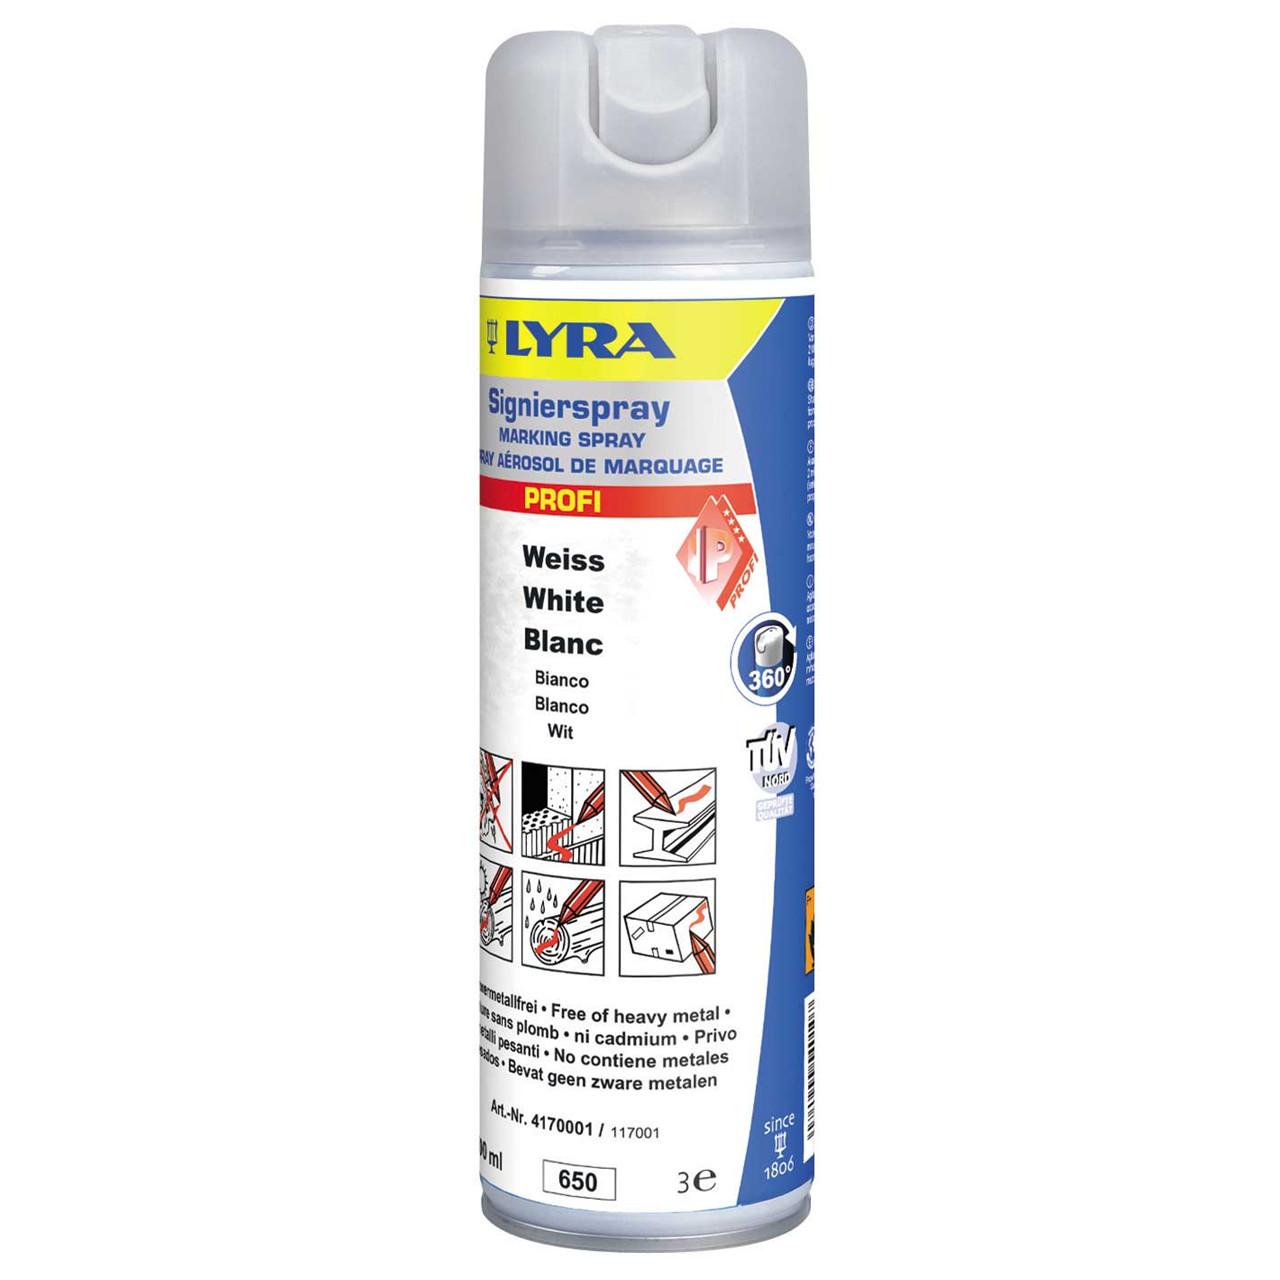 Køb Lyra markeringsspray (4180)